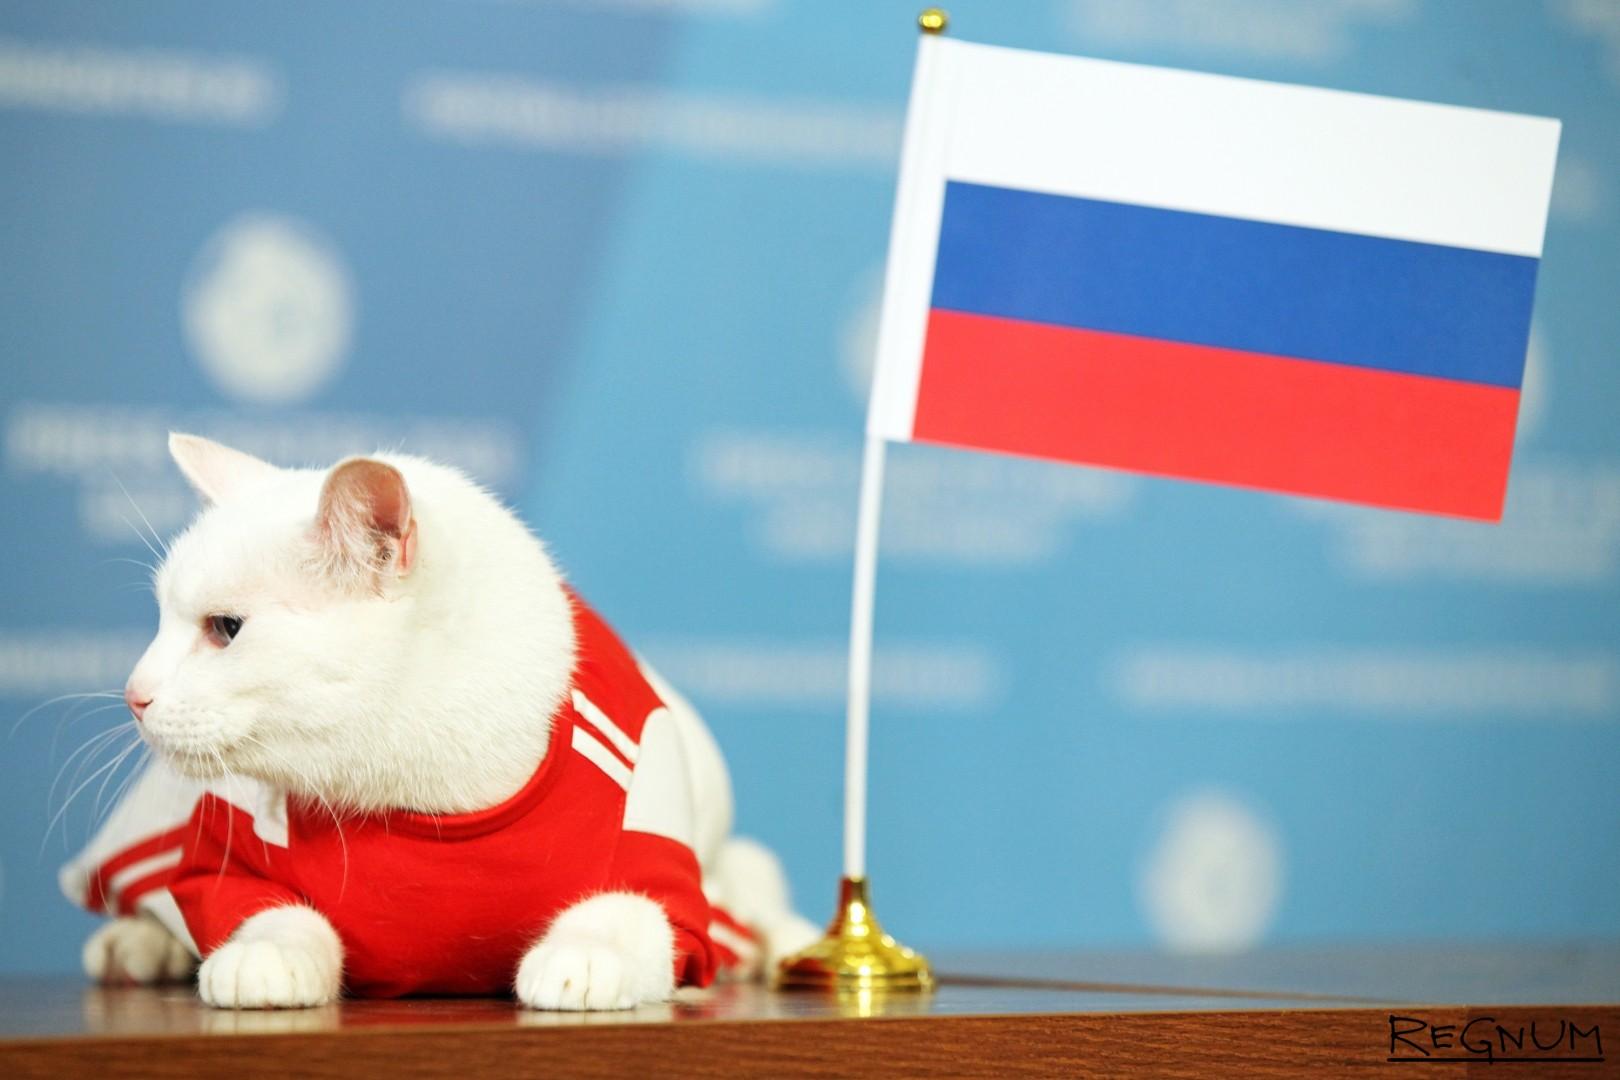 Кот-предсказатель выбрал сборную России